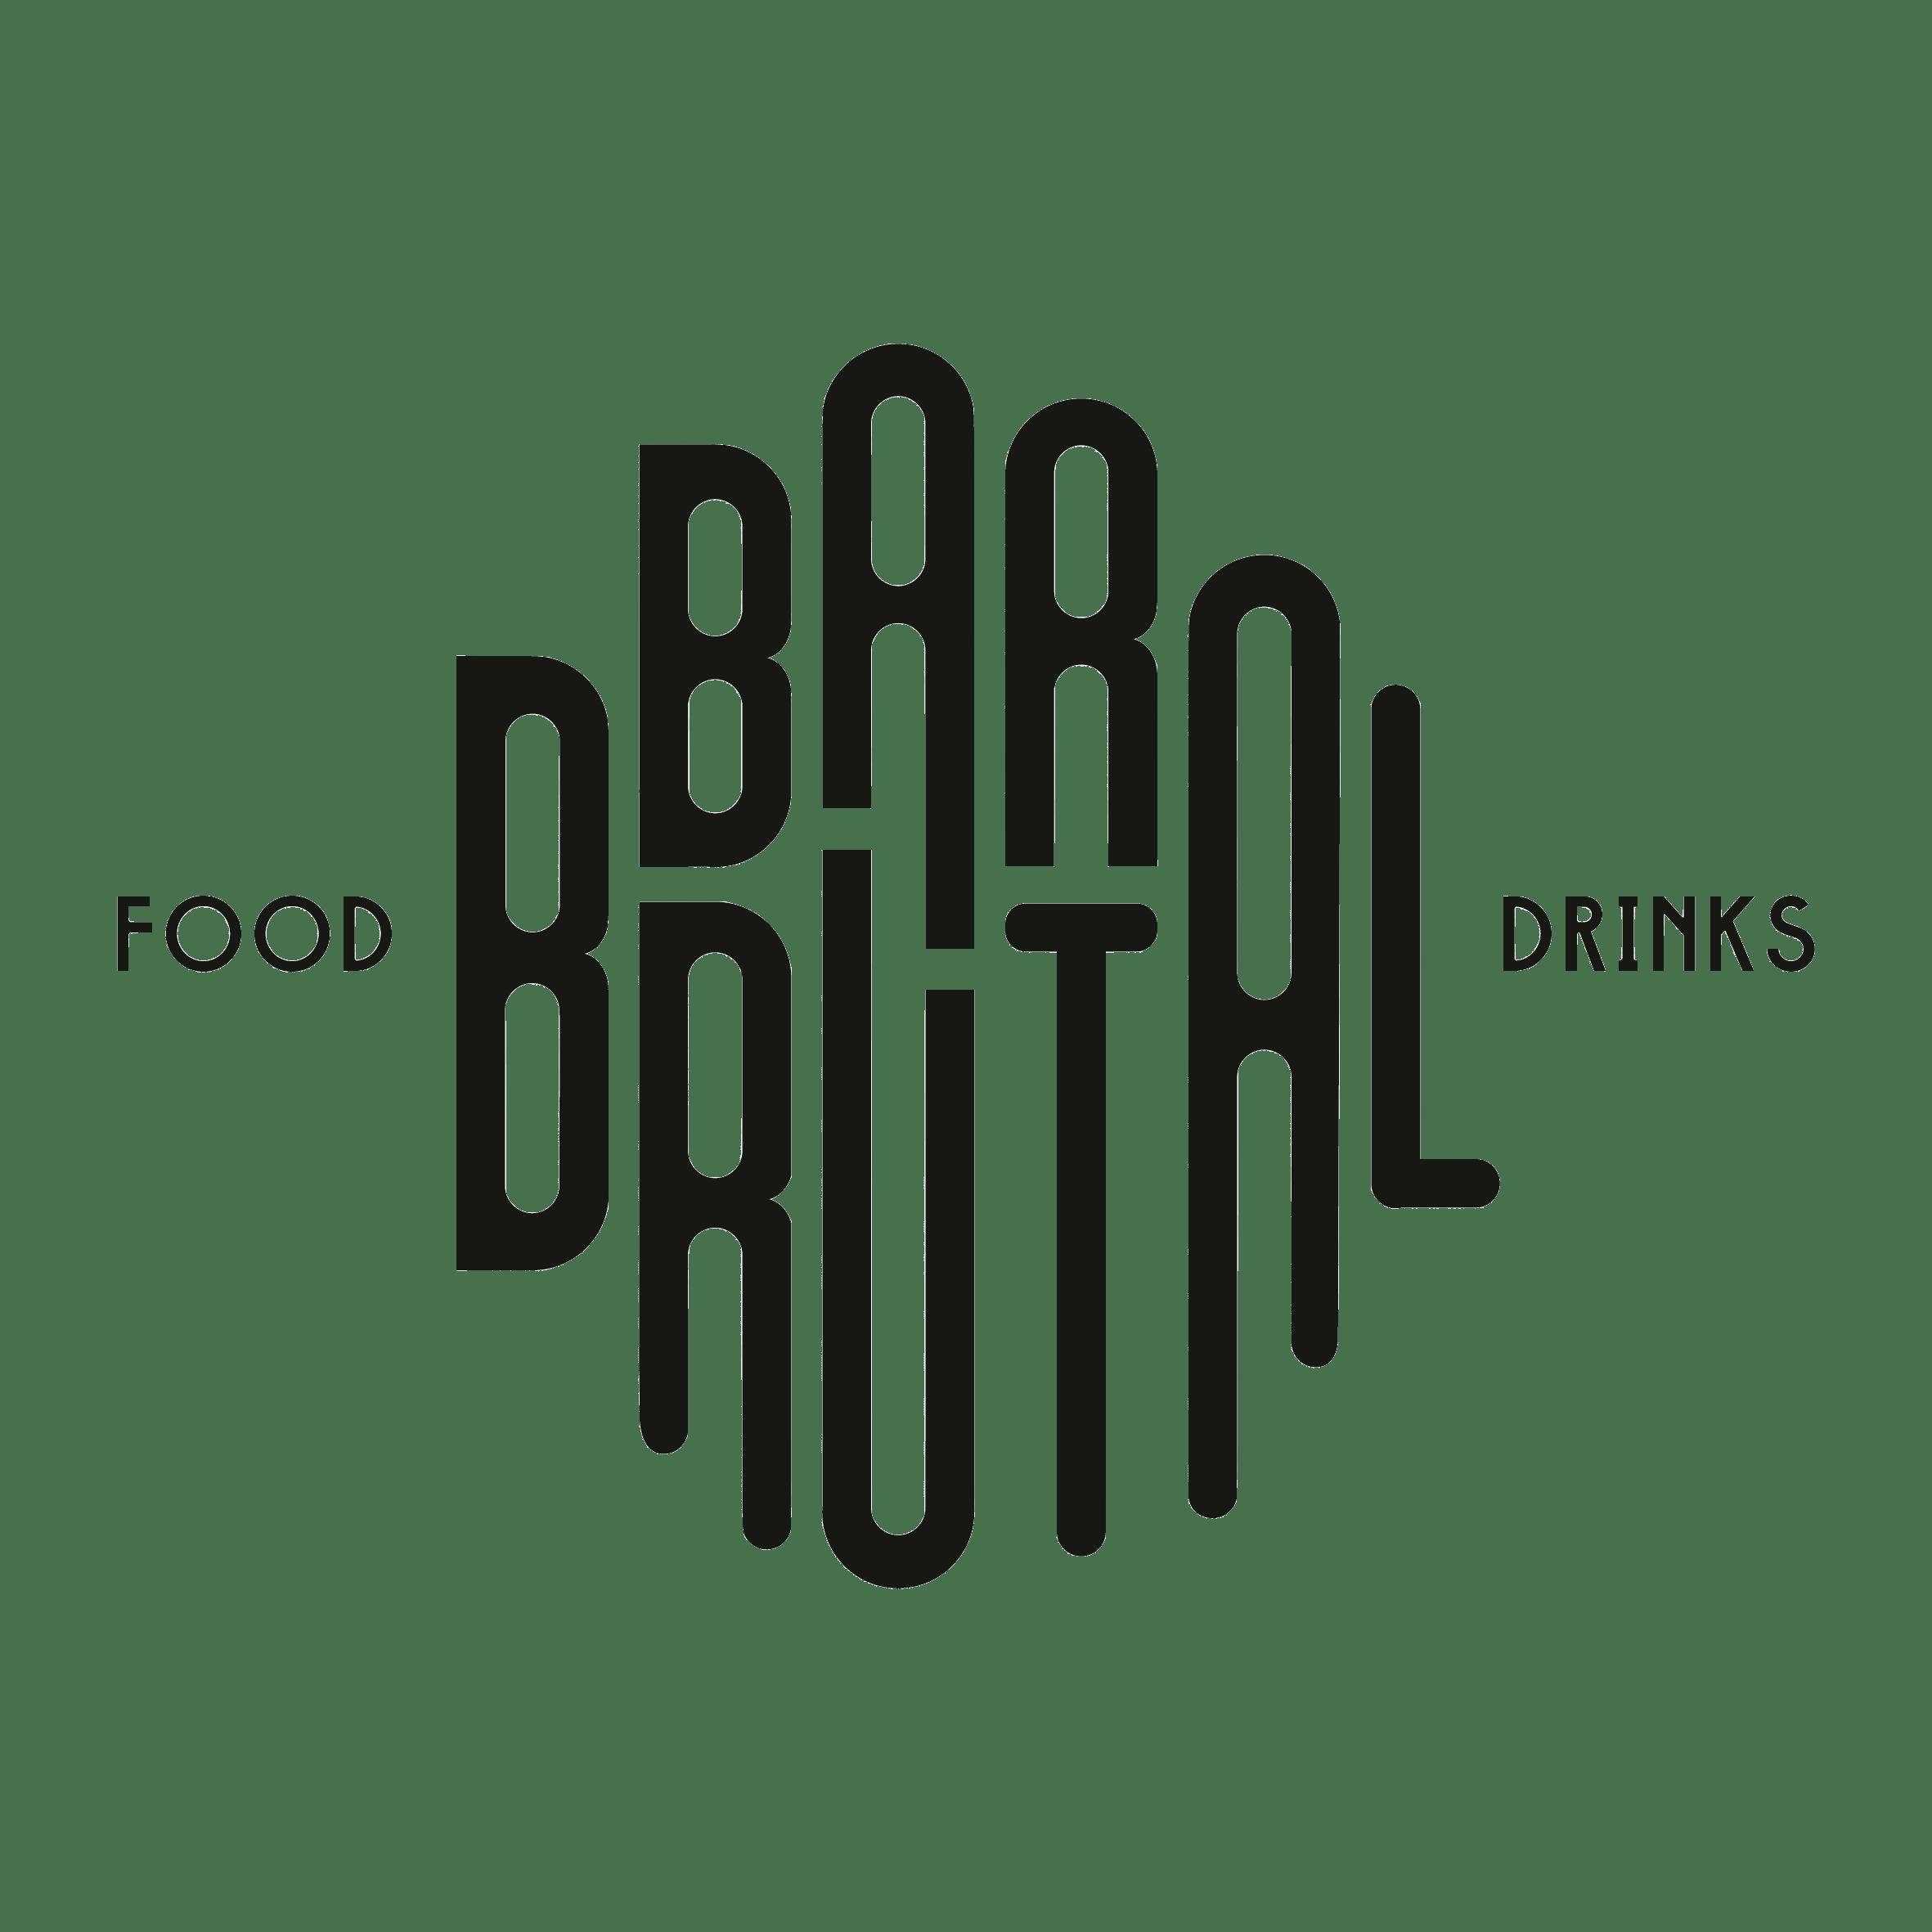 bar-brutal-site-logo.png